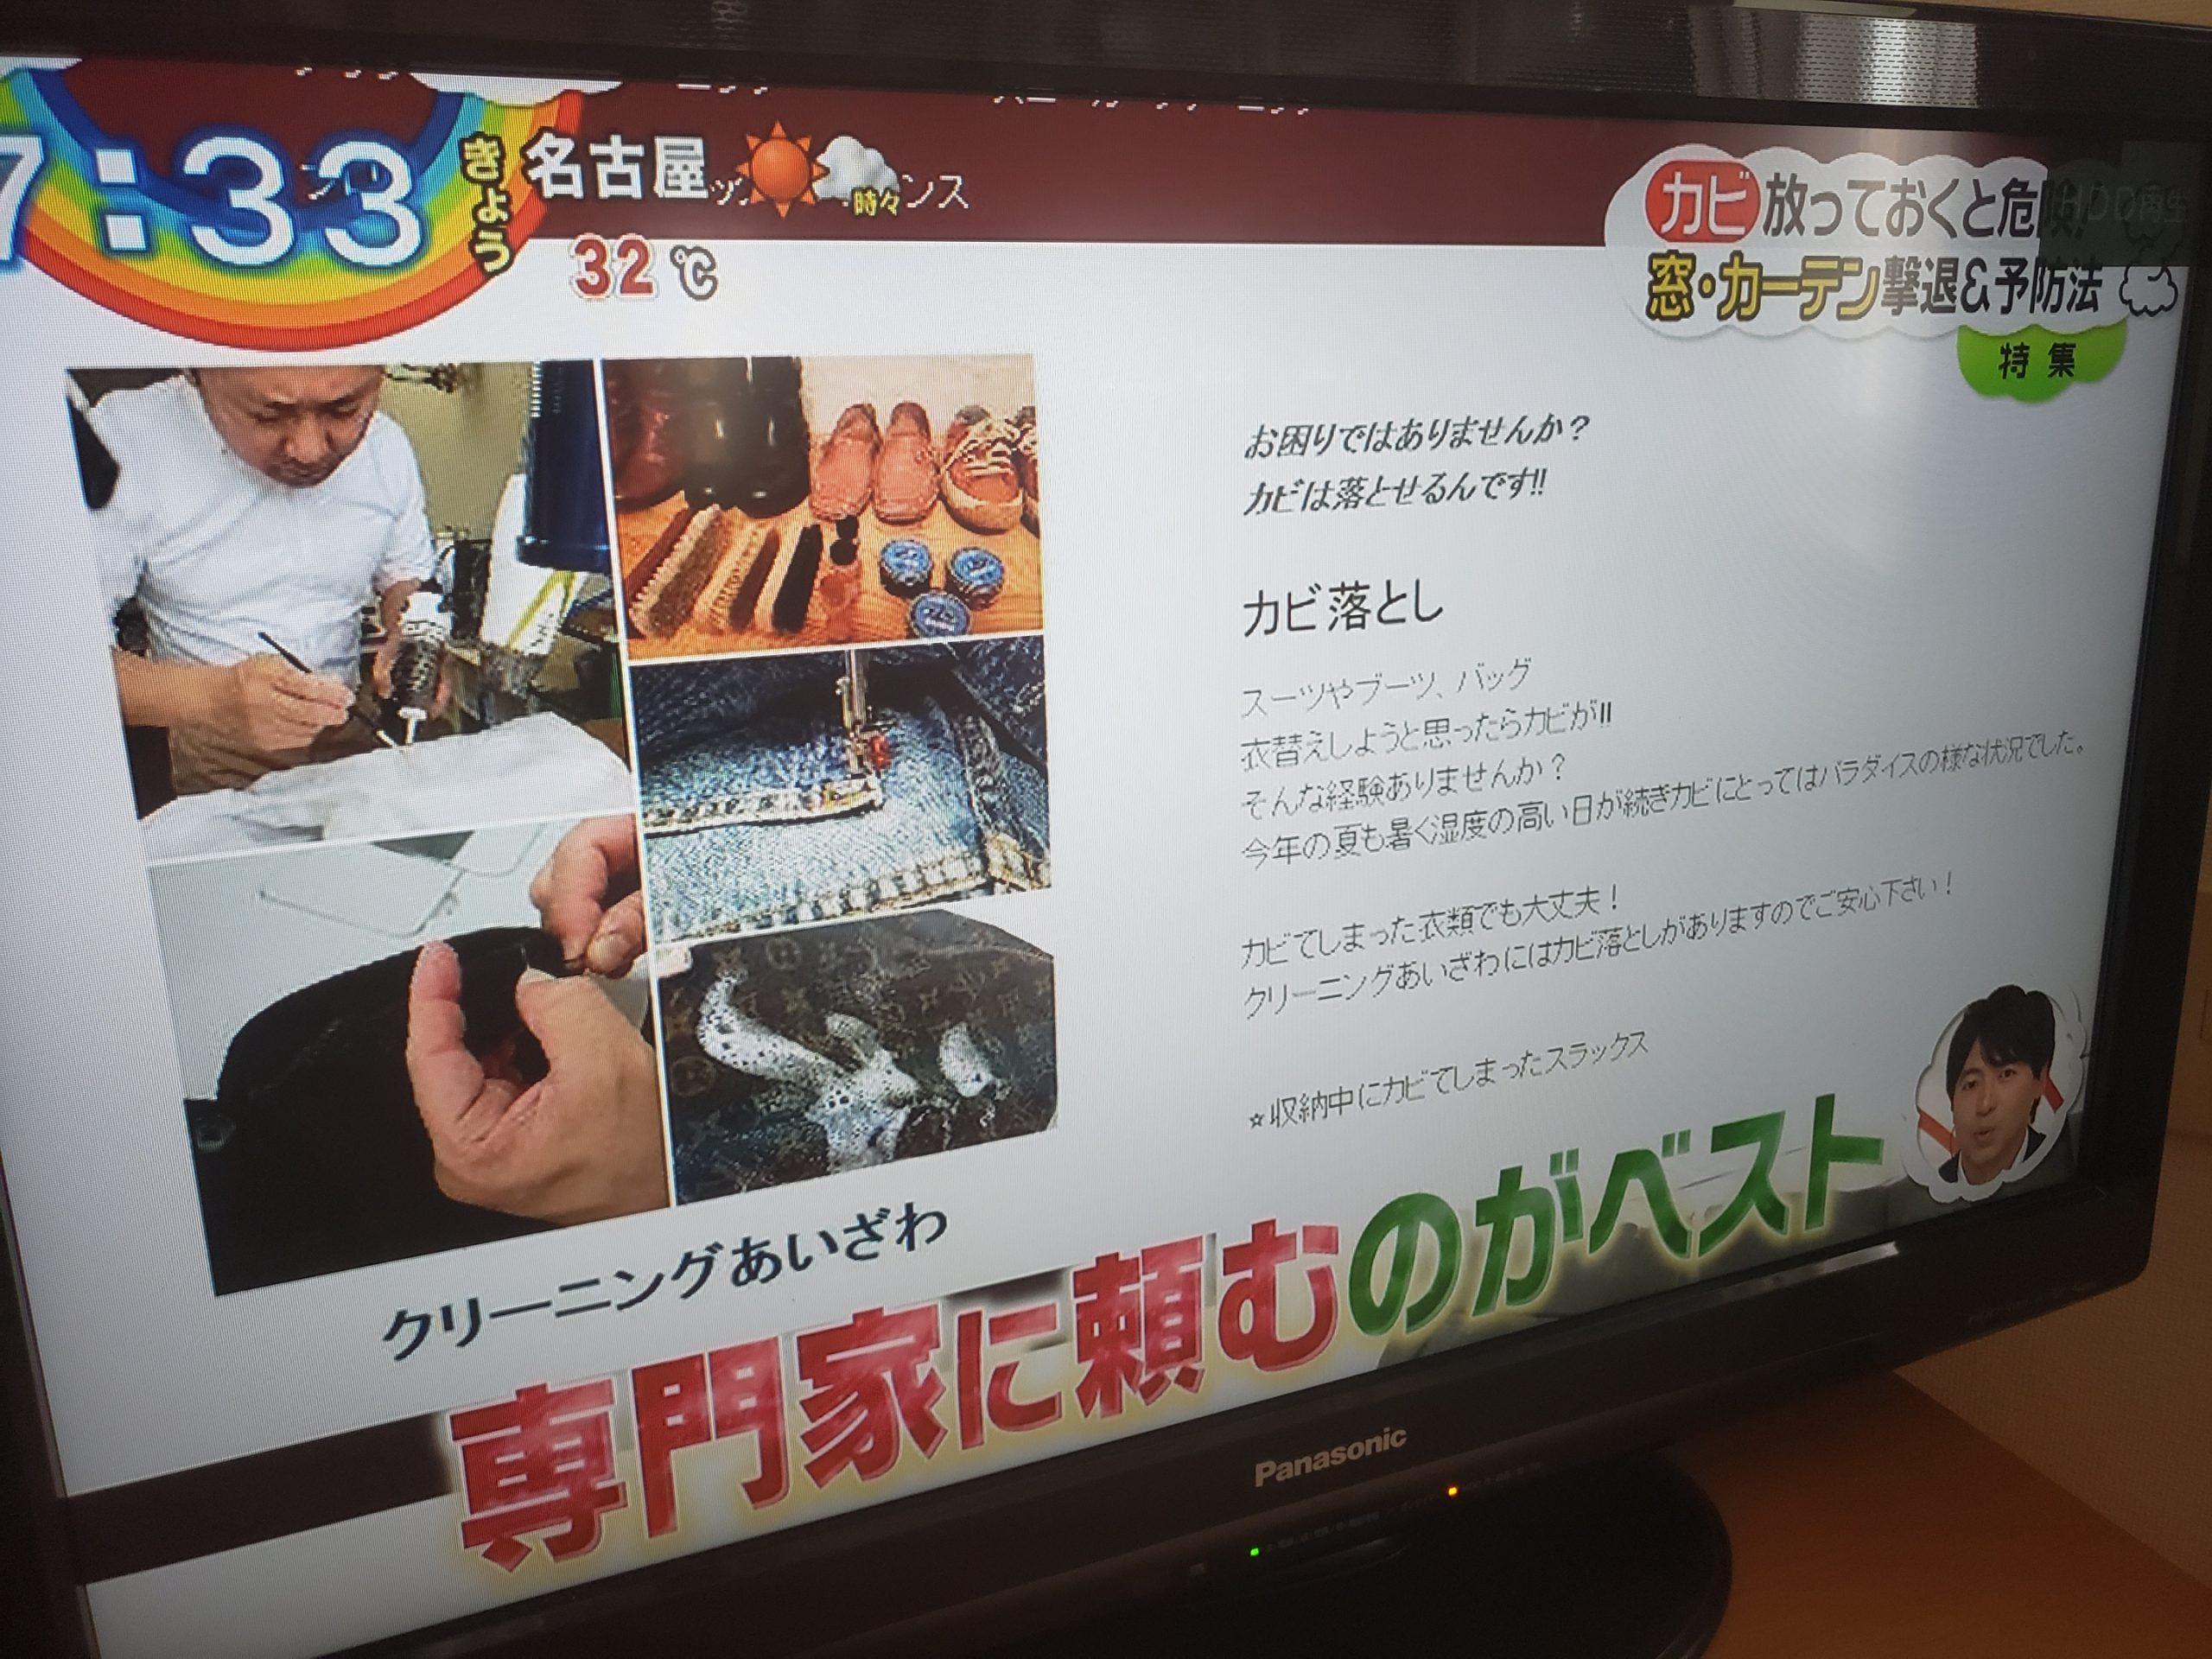 【必見】カビ取りクリーニングのご紹介!